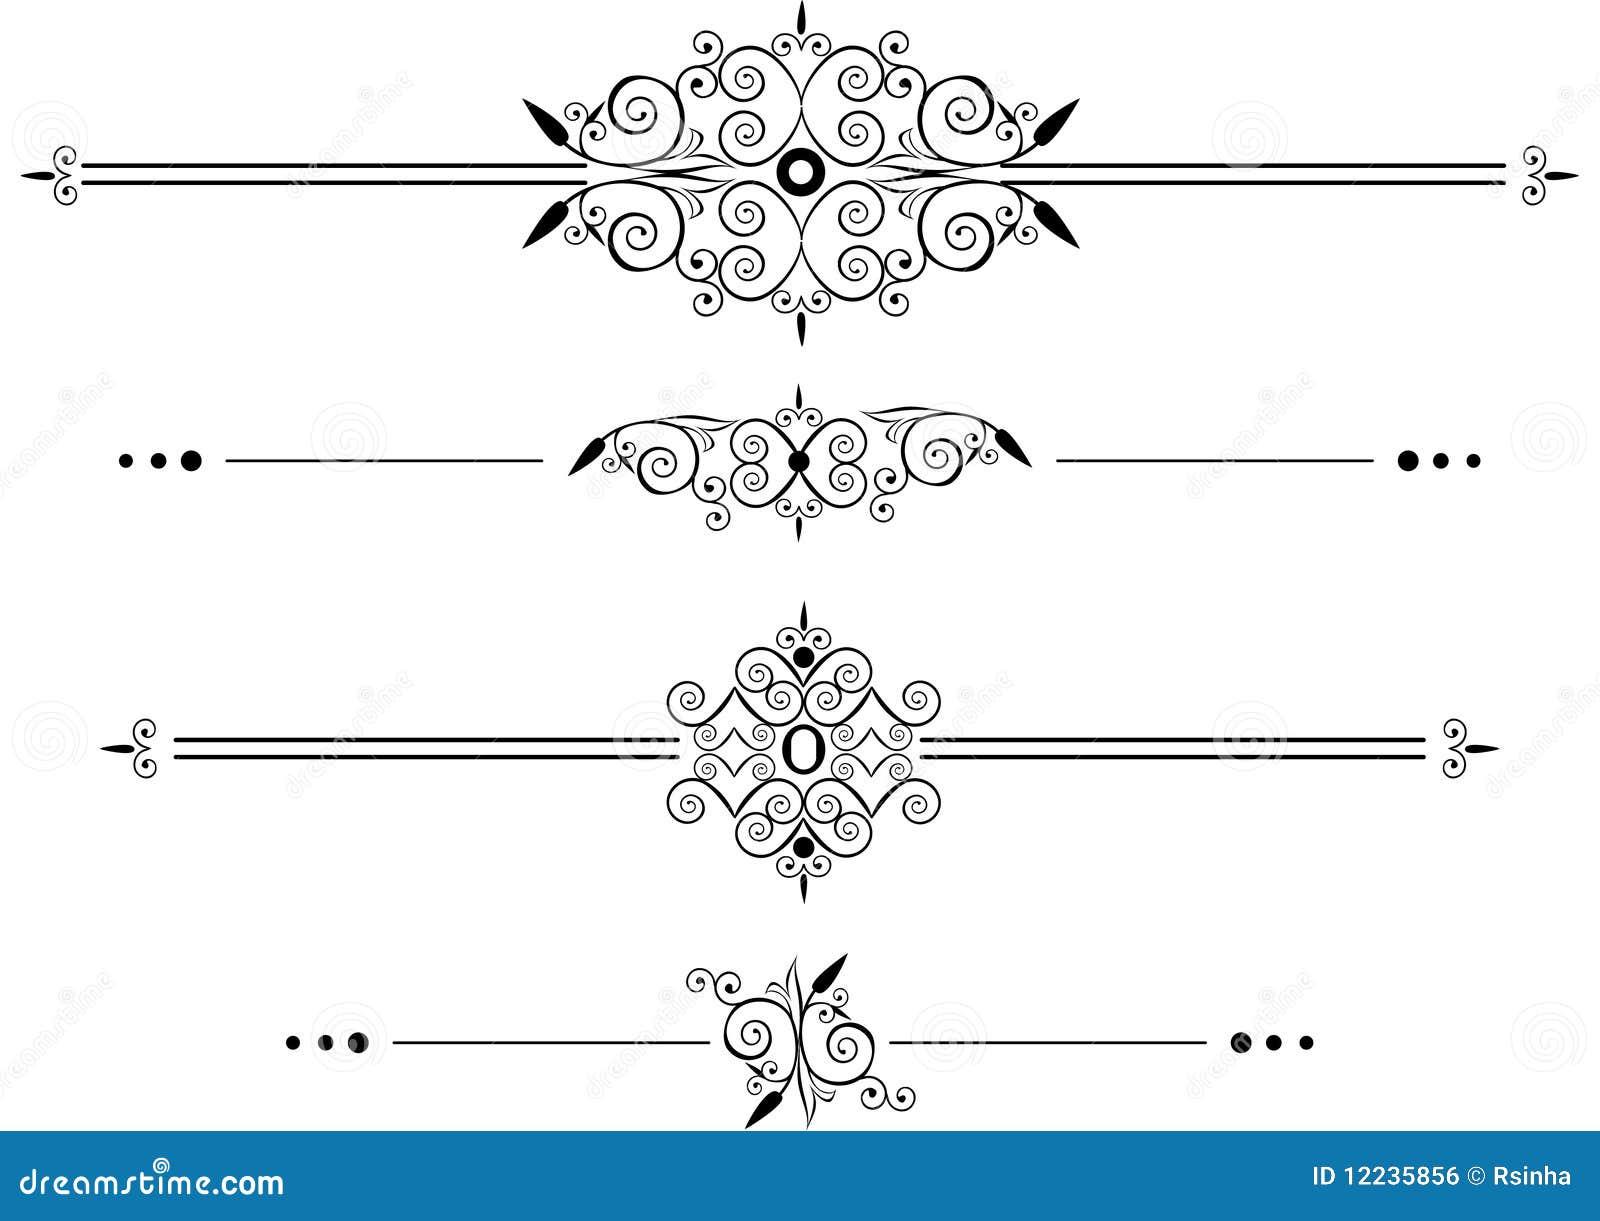 Imagem Vetorial Gratis Mapa Pinos Illustrator Titular: Linhas Decorativas Da Régua Imagem De Stock Royalty Free